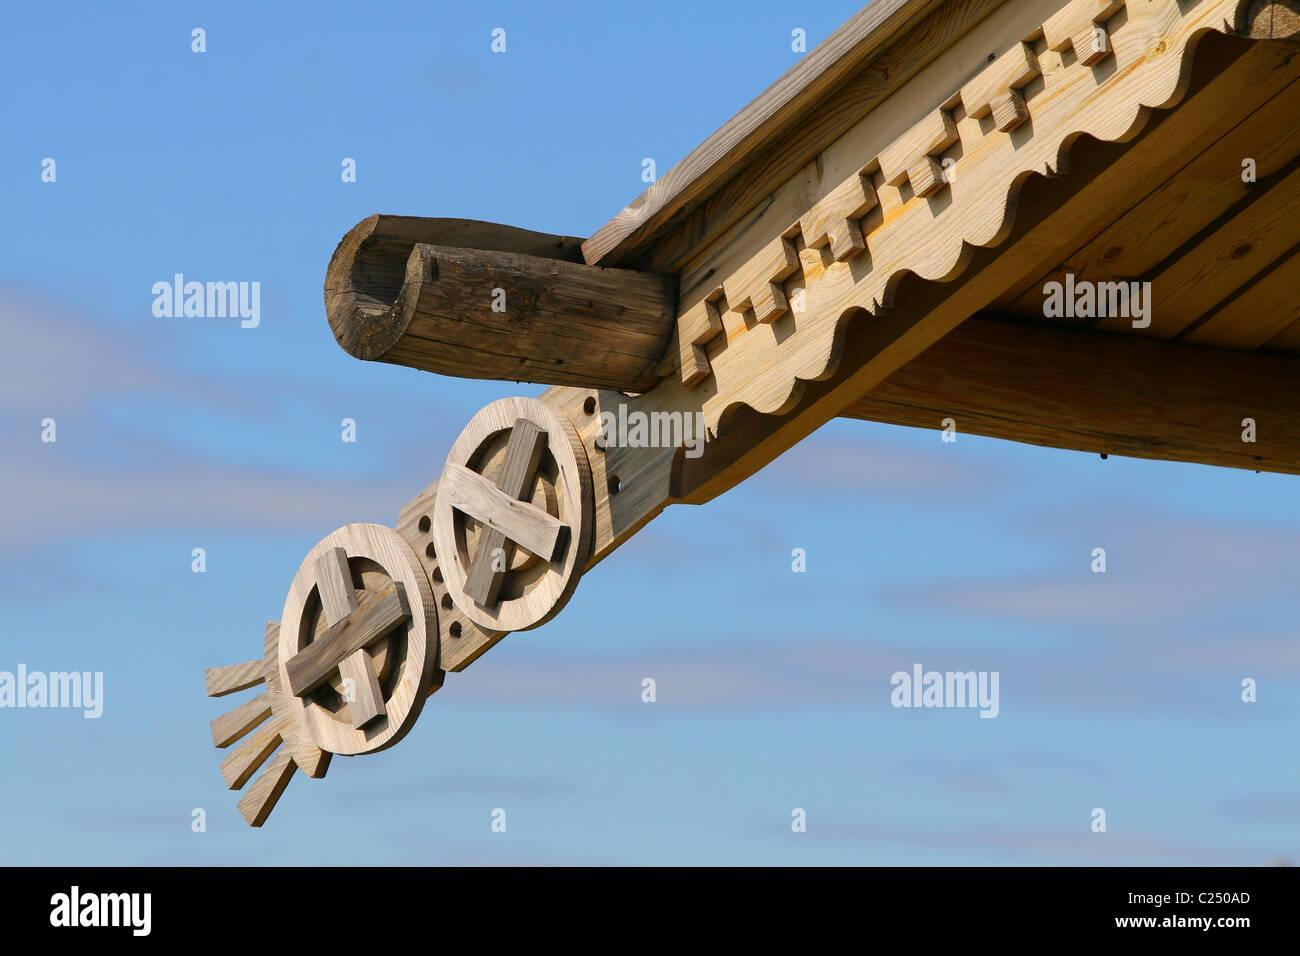 Hölzerne Gehäuse mit Ornament in Form eines Kreuzes und Trog das Dach. Obdorsk Fort, Salechard, Russland Stockbild